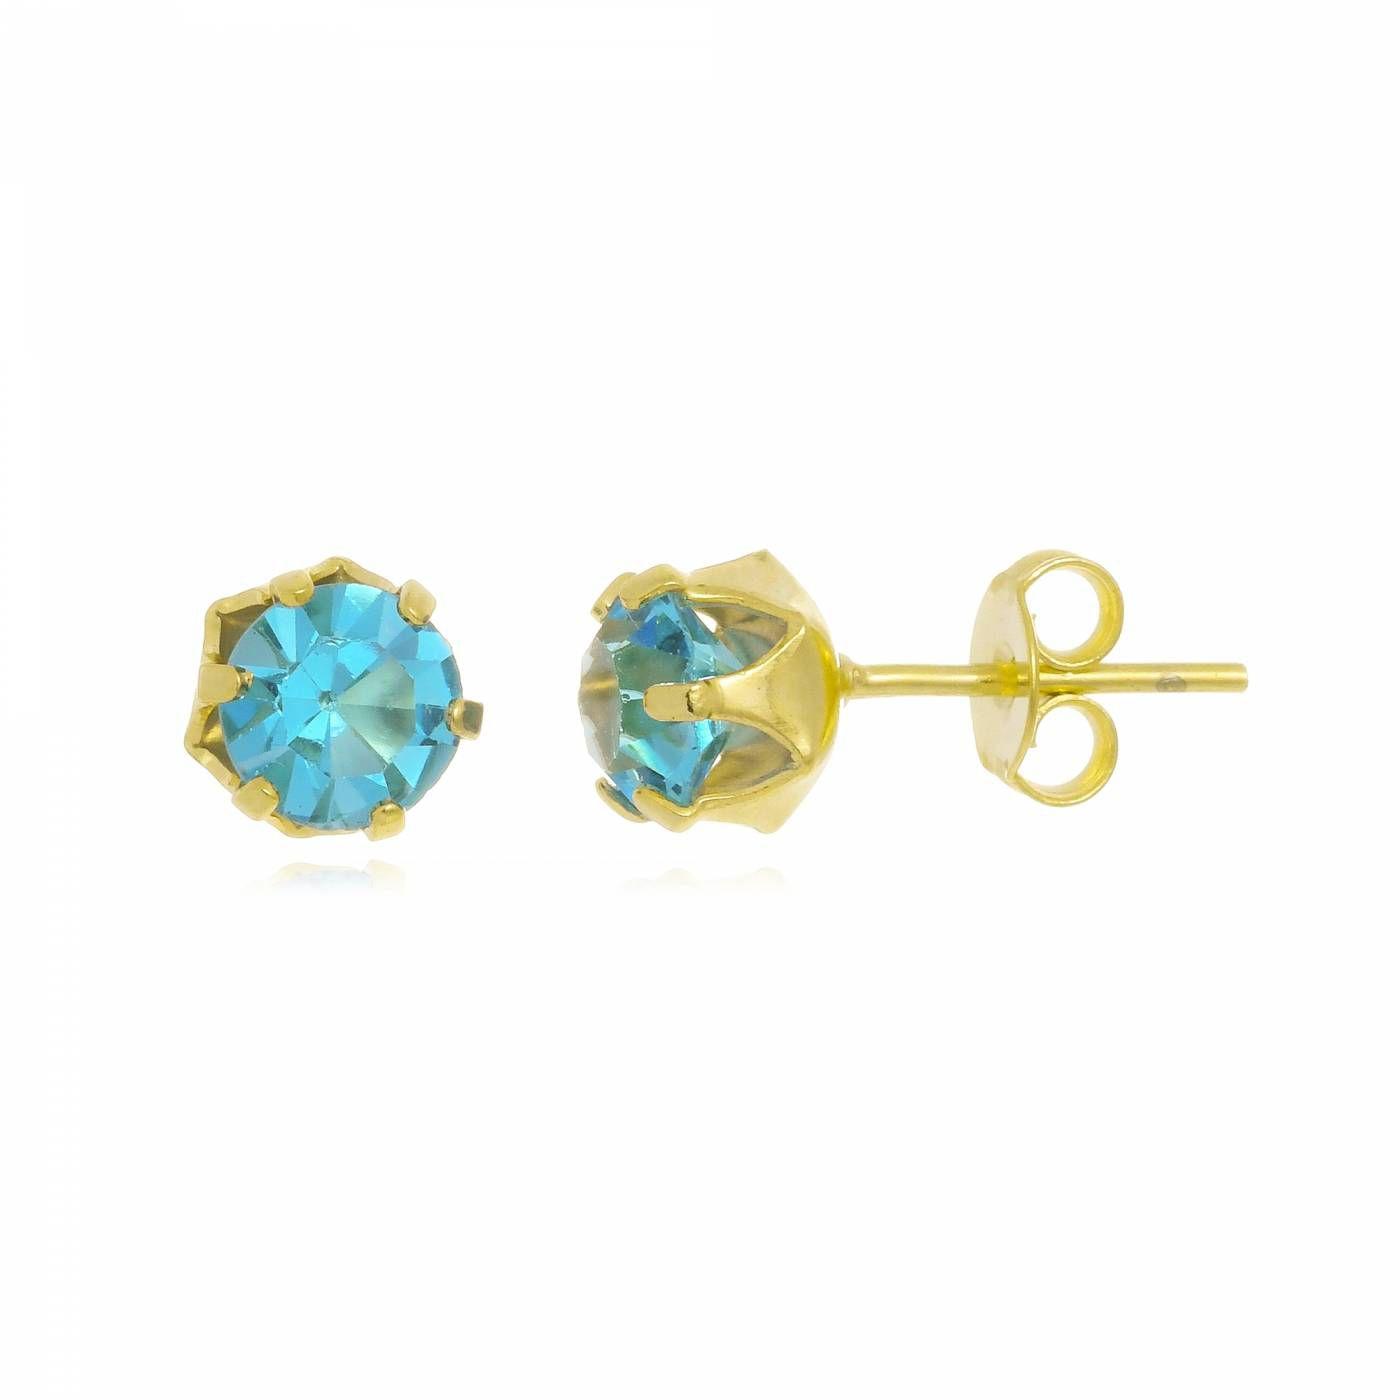 Brinco em Cristal Azul Folheado a Ouro 18K